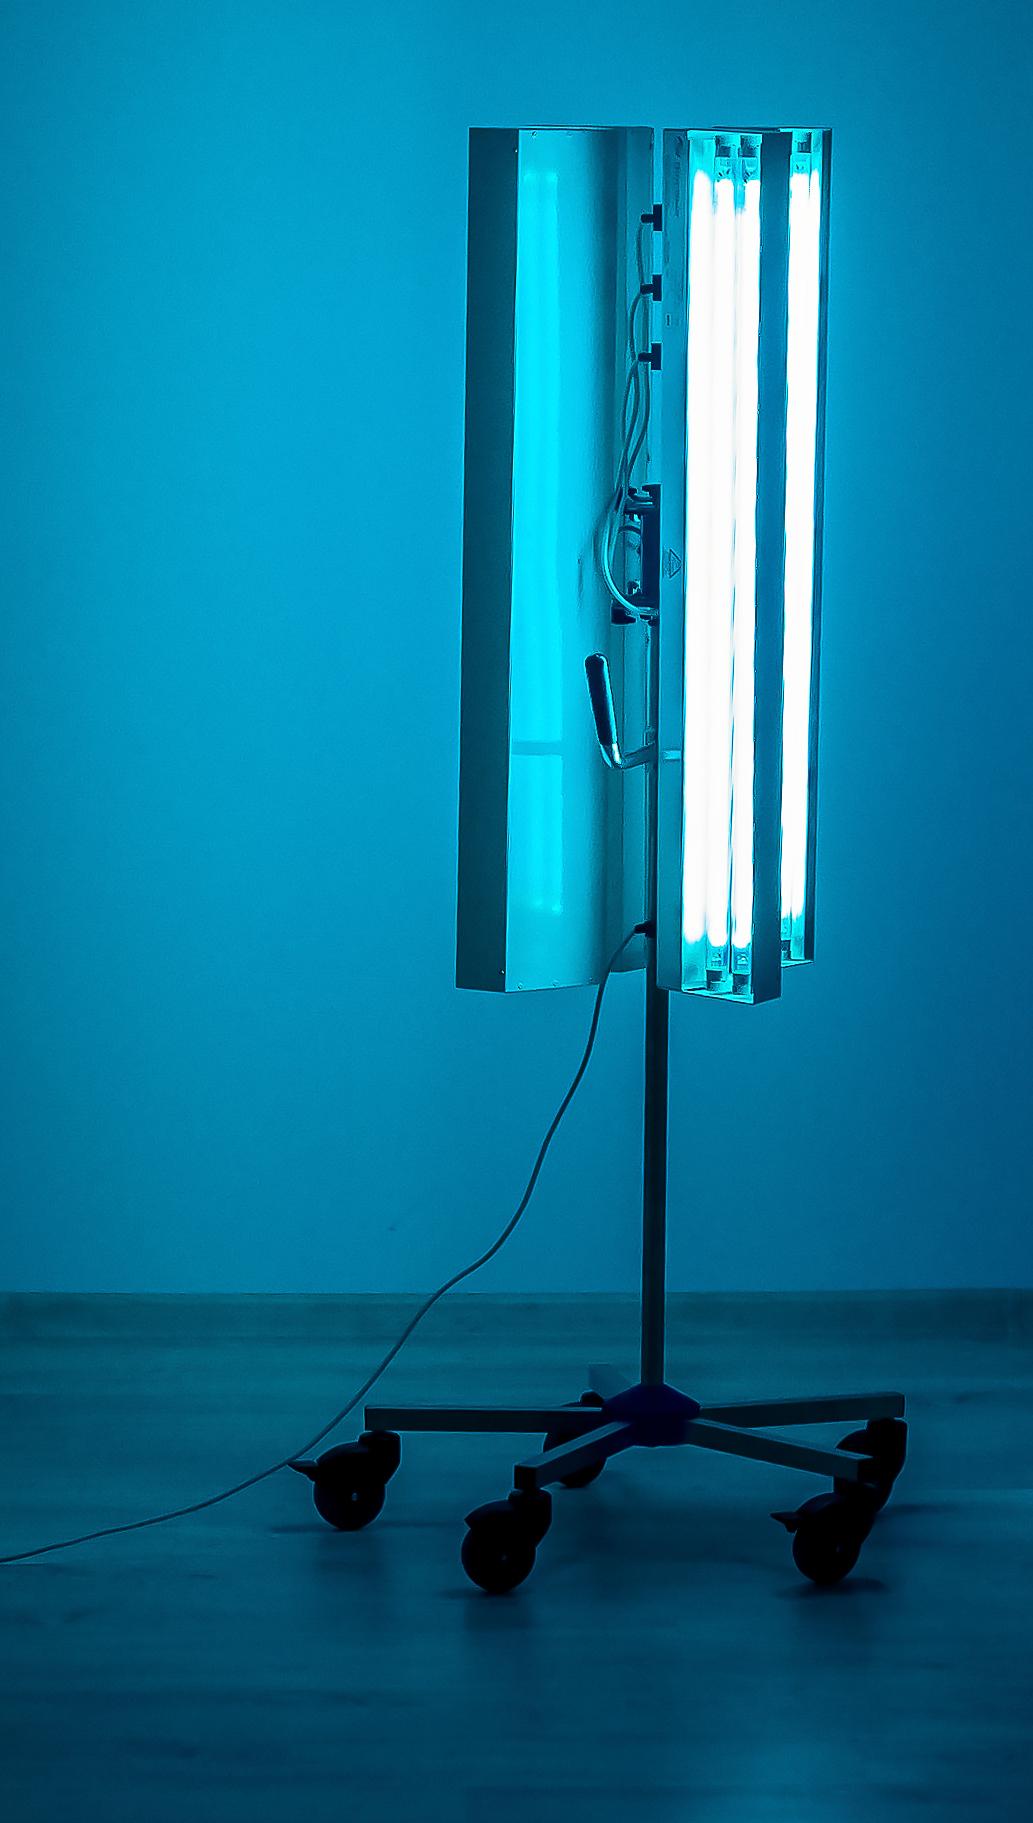 lampa cu 3 brate aprinsa-1